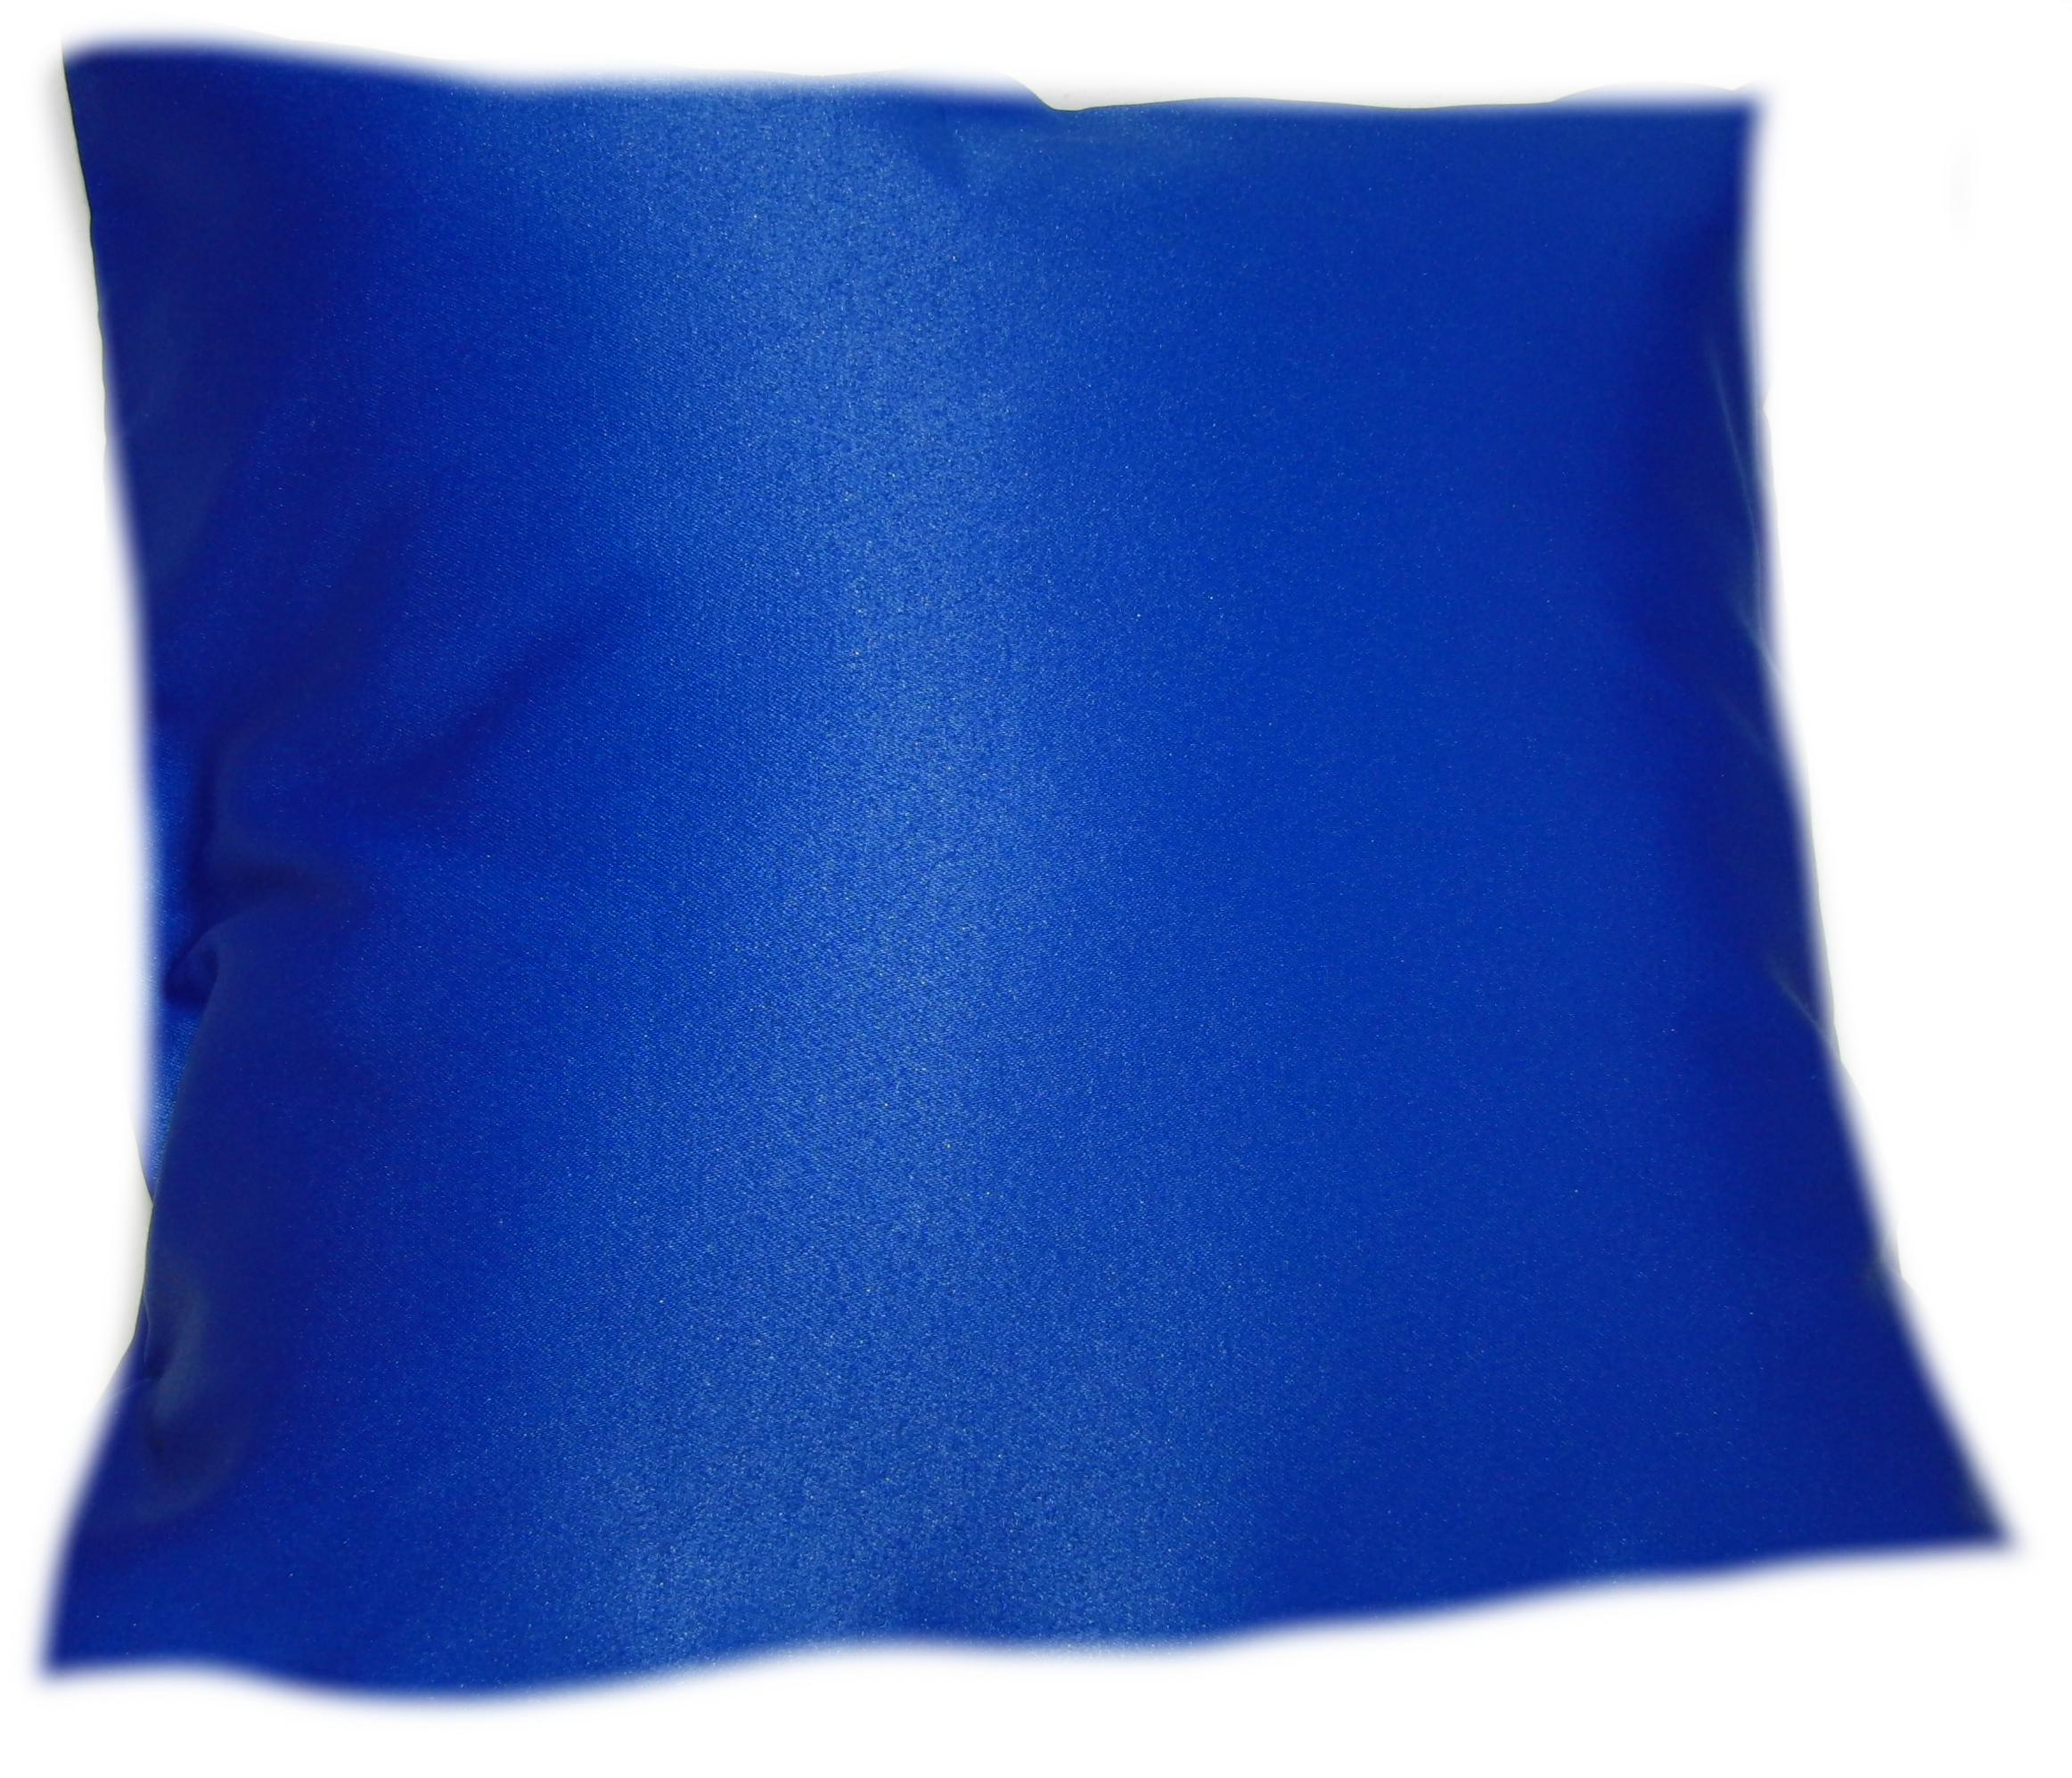 povlak na polštáøek - modrý - zvìtšit obrázek